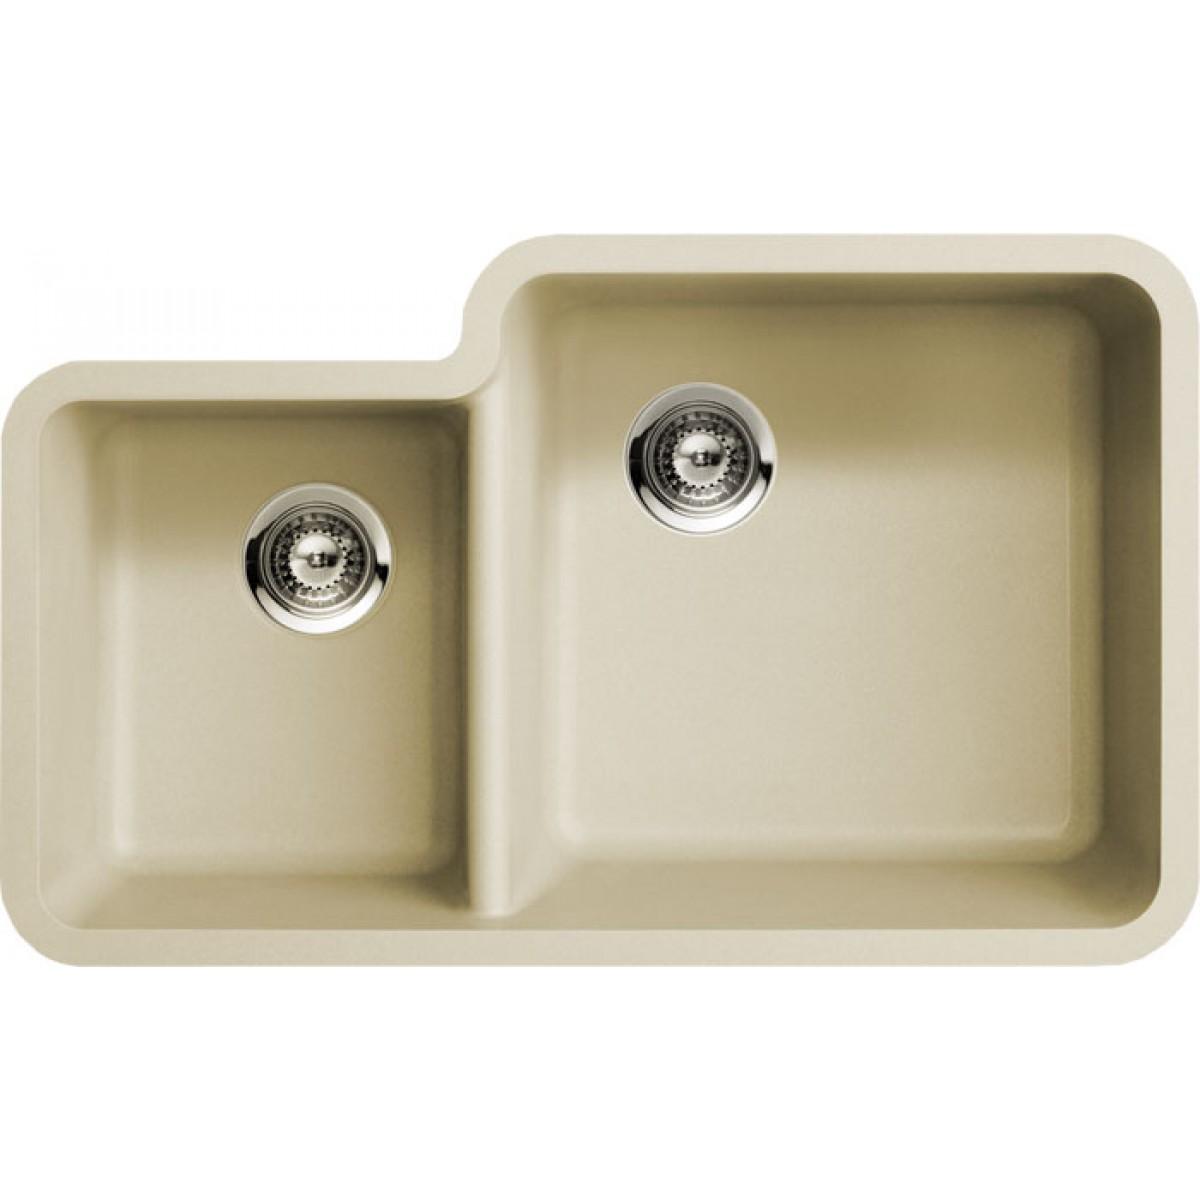 undermount double kitchen sink delta faucet parts beige quartz composite 40 60 bowl